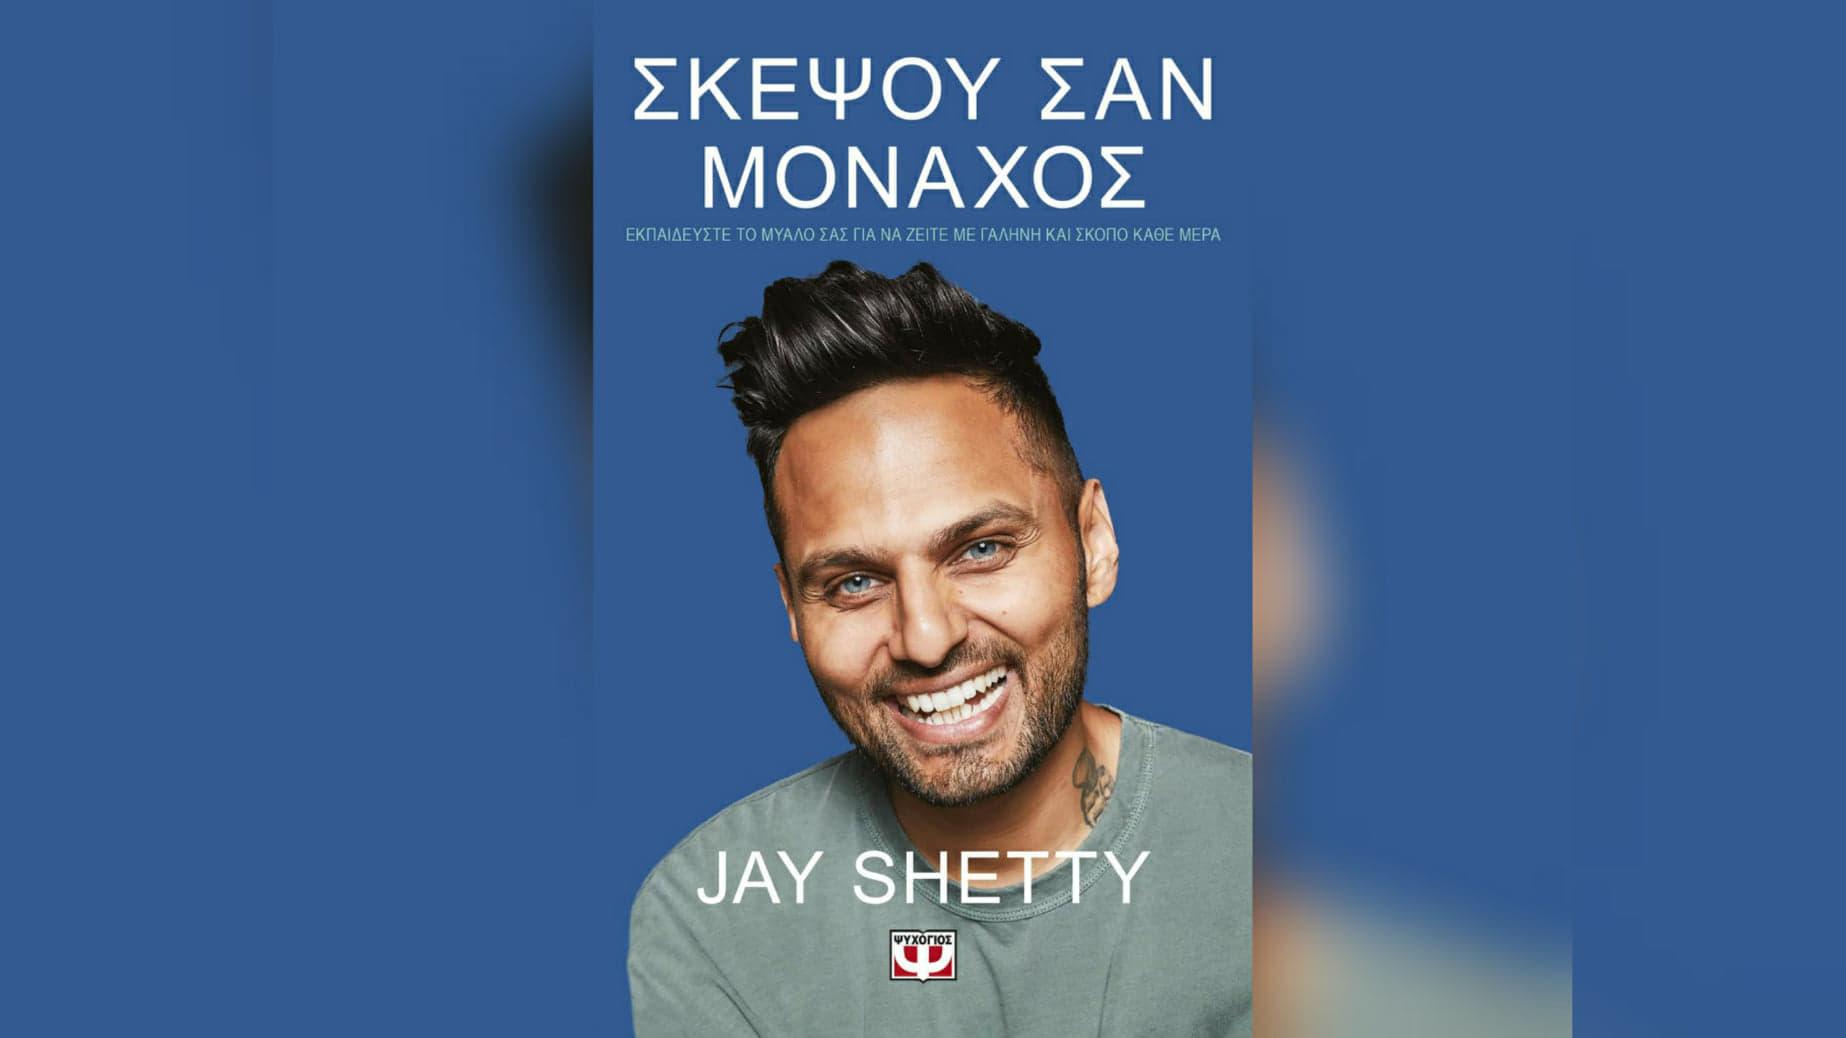 Σκέψου σαν μοναχός του Jay Shetty. Παρουσίαση του βιβλίου προσωπικής ανάπτυξης του Τζέι Σέτι, του σούπερ σταρ των social media.